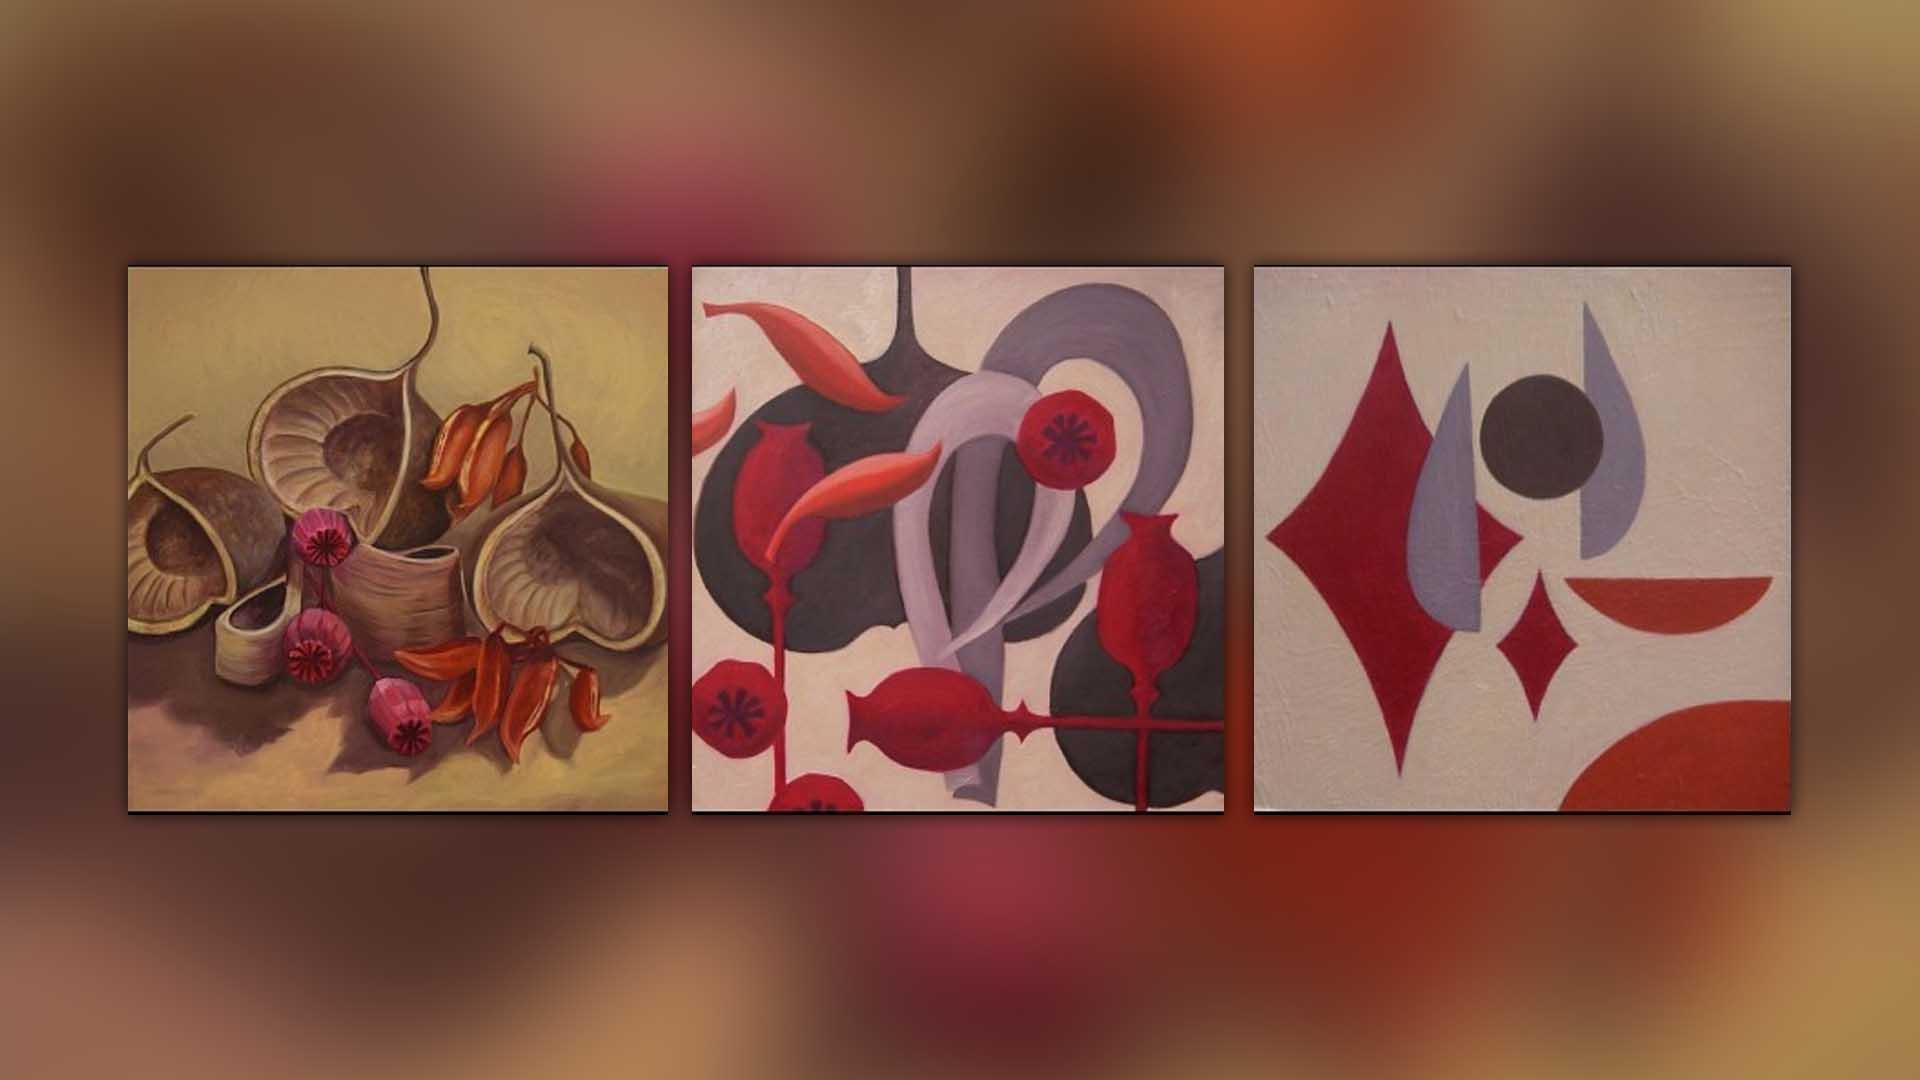 soyut sanat ve gerçekçi sanat 3